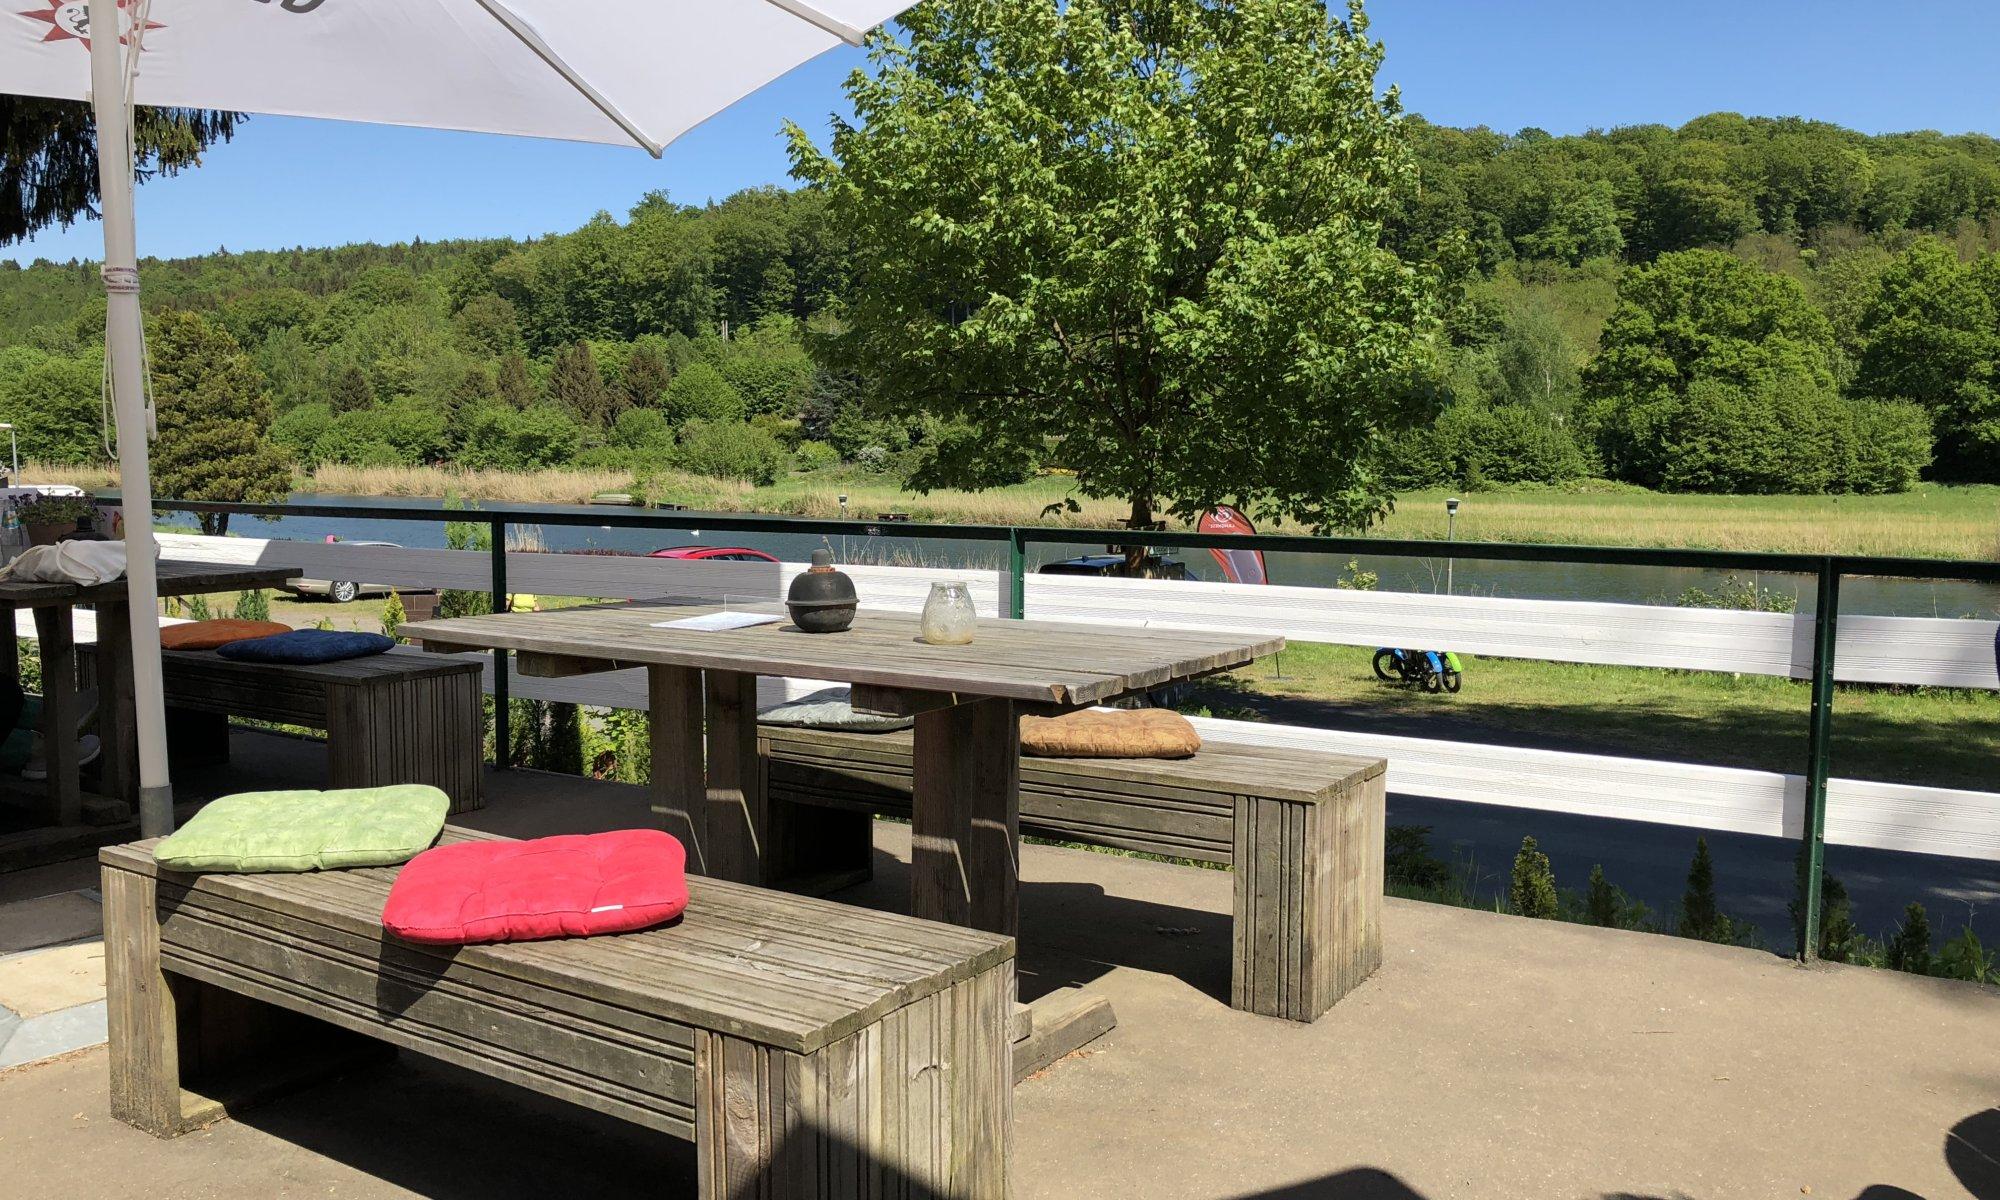 Restaurant-Hotel-Campingplatz Spiegelburg, Hann. Münden